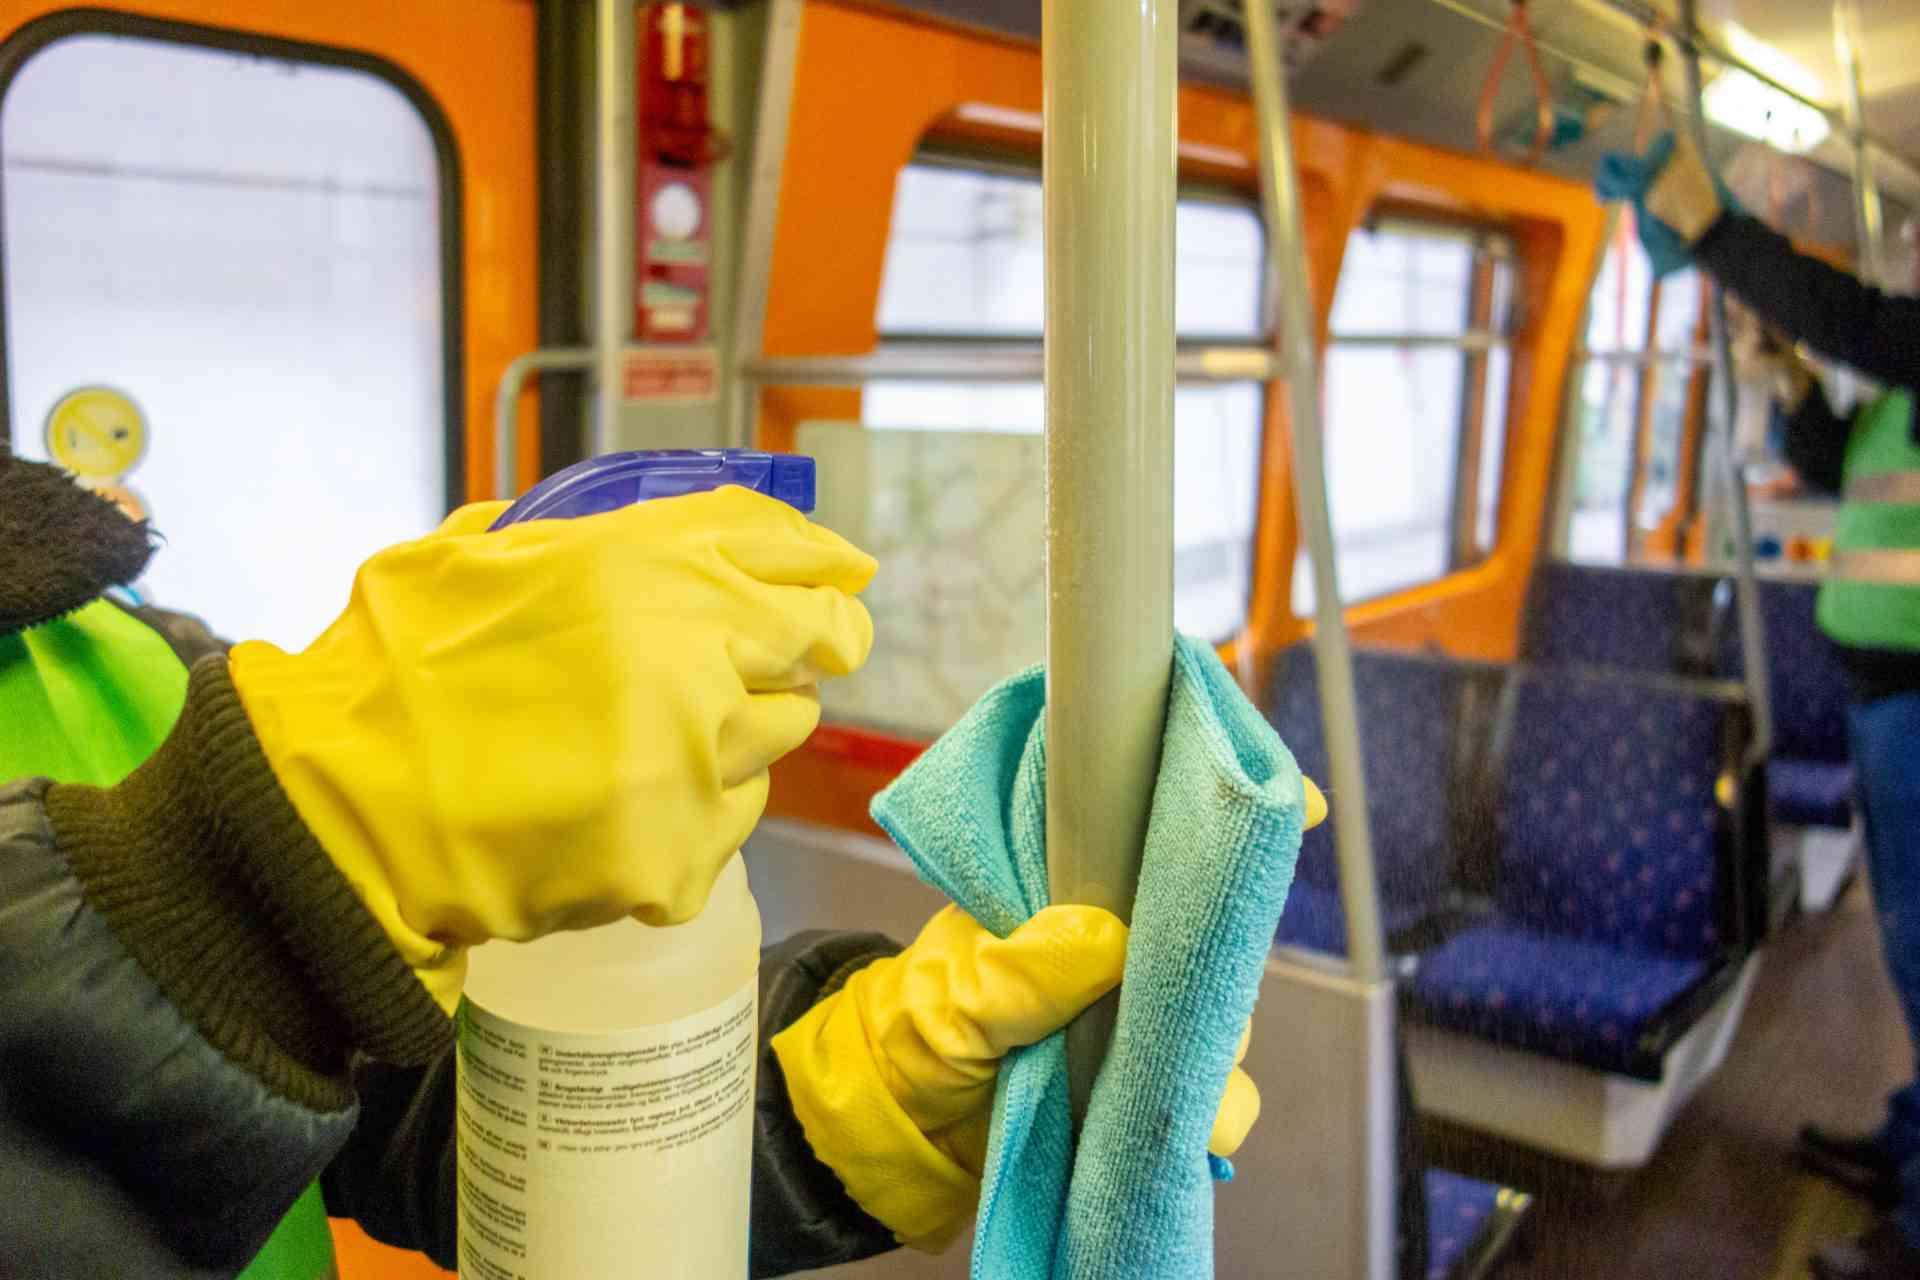 Wir reinigen und desinfizieren täglich alle Stationen und Fahrzeuge sowie alle Flächen, mit denen Fahrgäste in Berührung kommen - also auch Haltegriffe, Haltestangen und Sitzflächen.